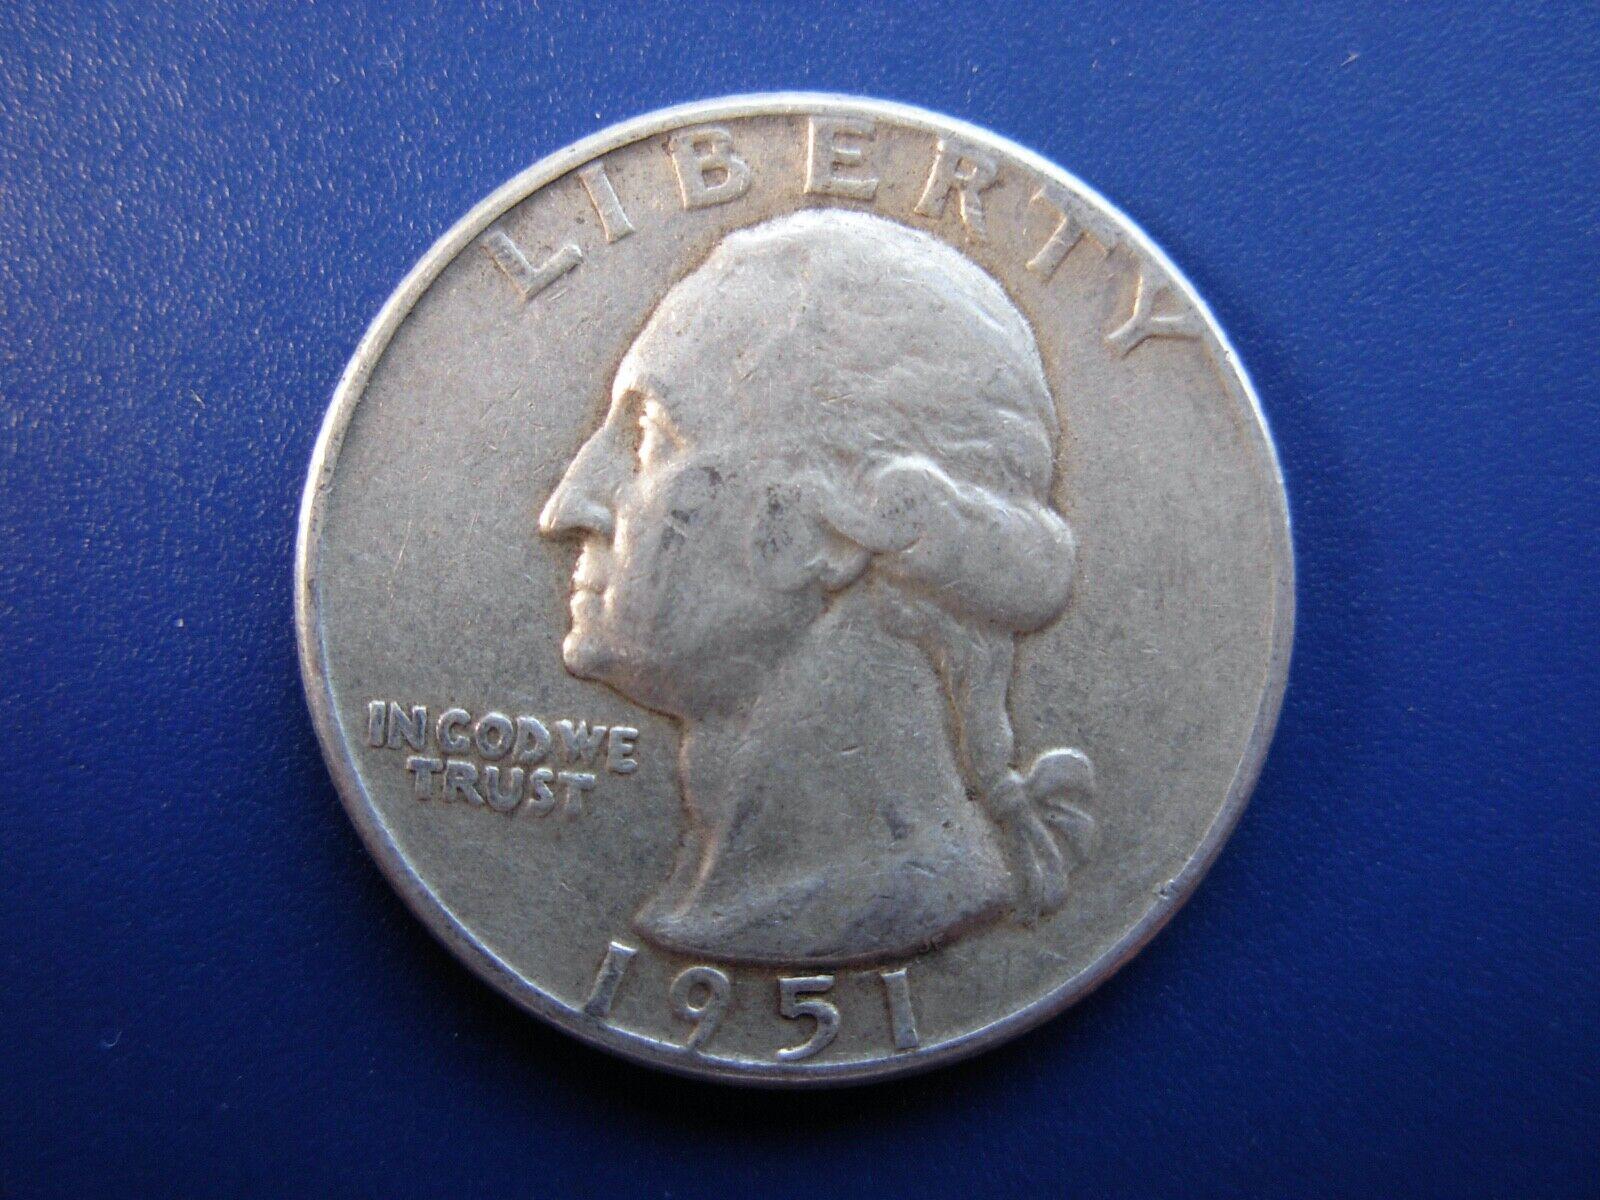 Very Nice Original 1951 VF Washington Quarter. 3 - $6.65